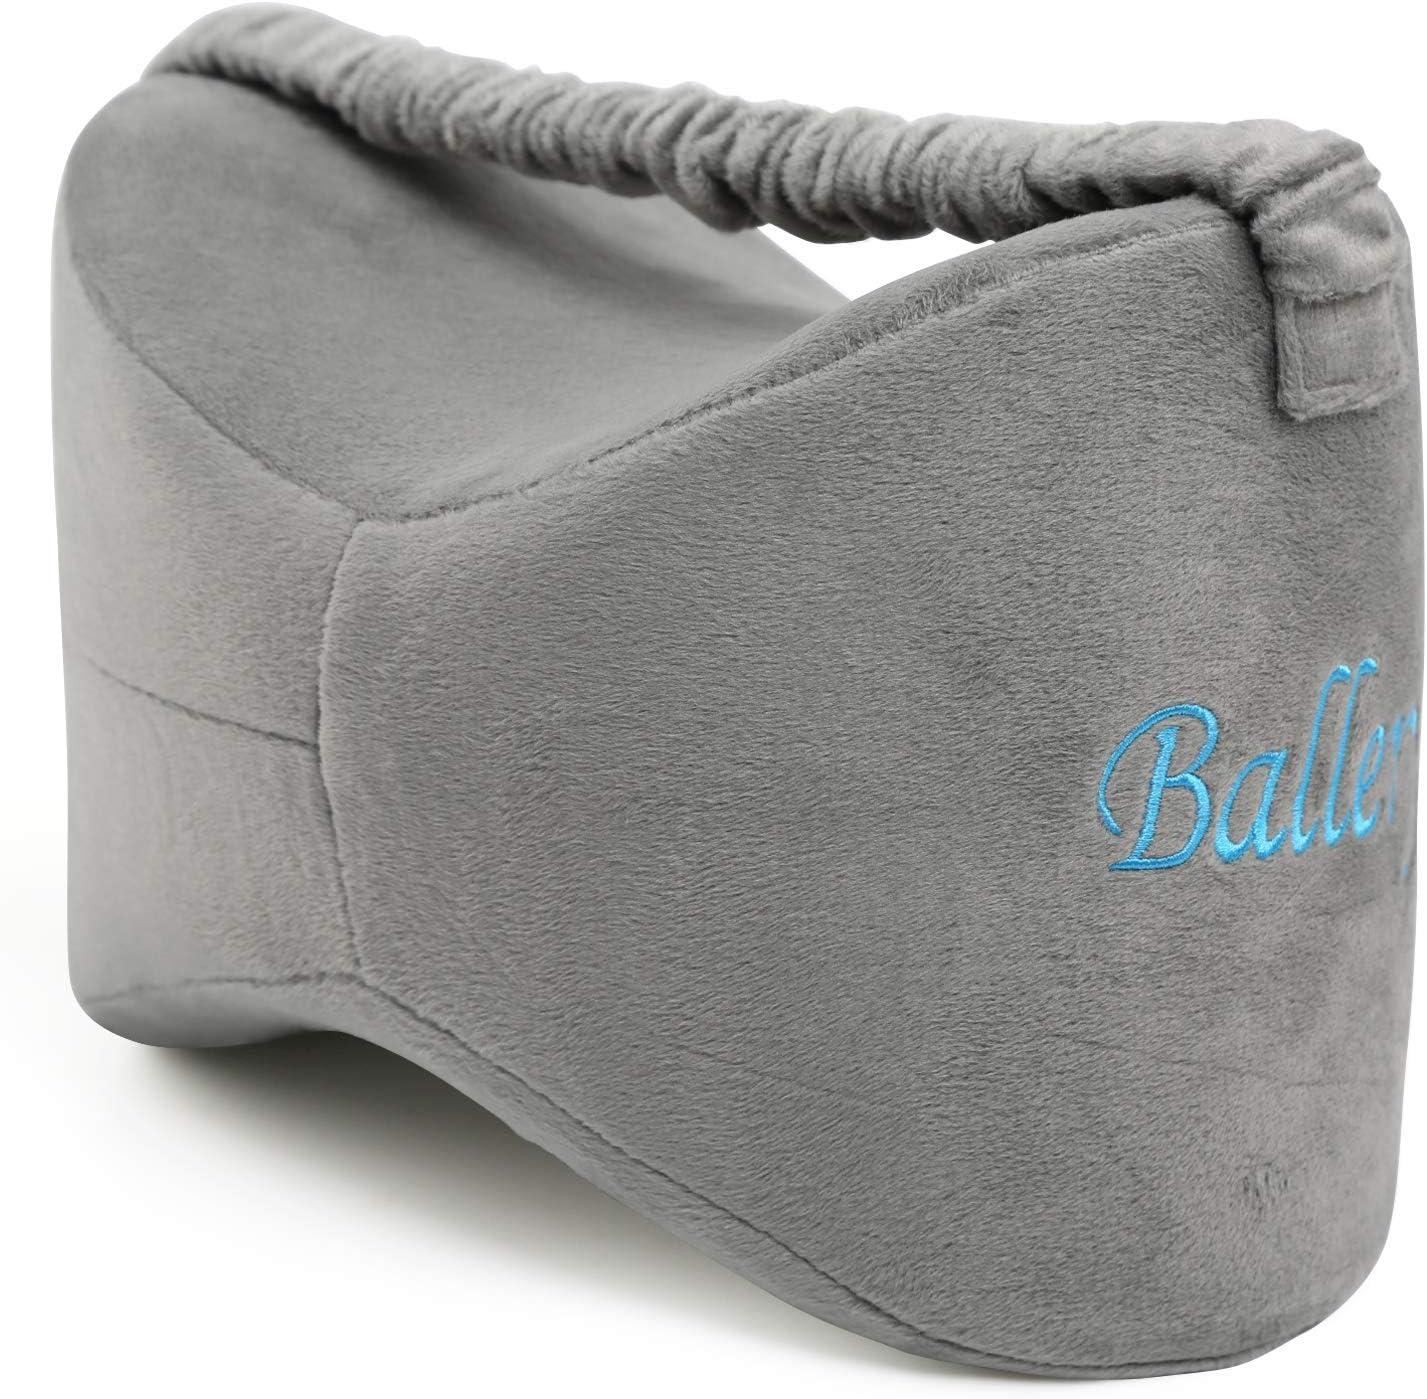 Rodilla almohada, Ballery pierna de espuma de memoria cojín para ciática Alivio, dolor de espalda, dolor en la pierna, embarazo, cadera y dolor en las articulaciones